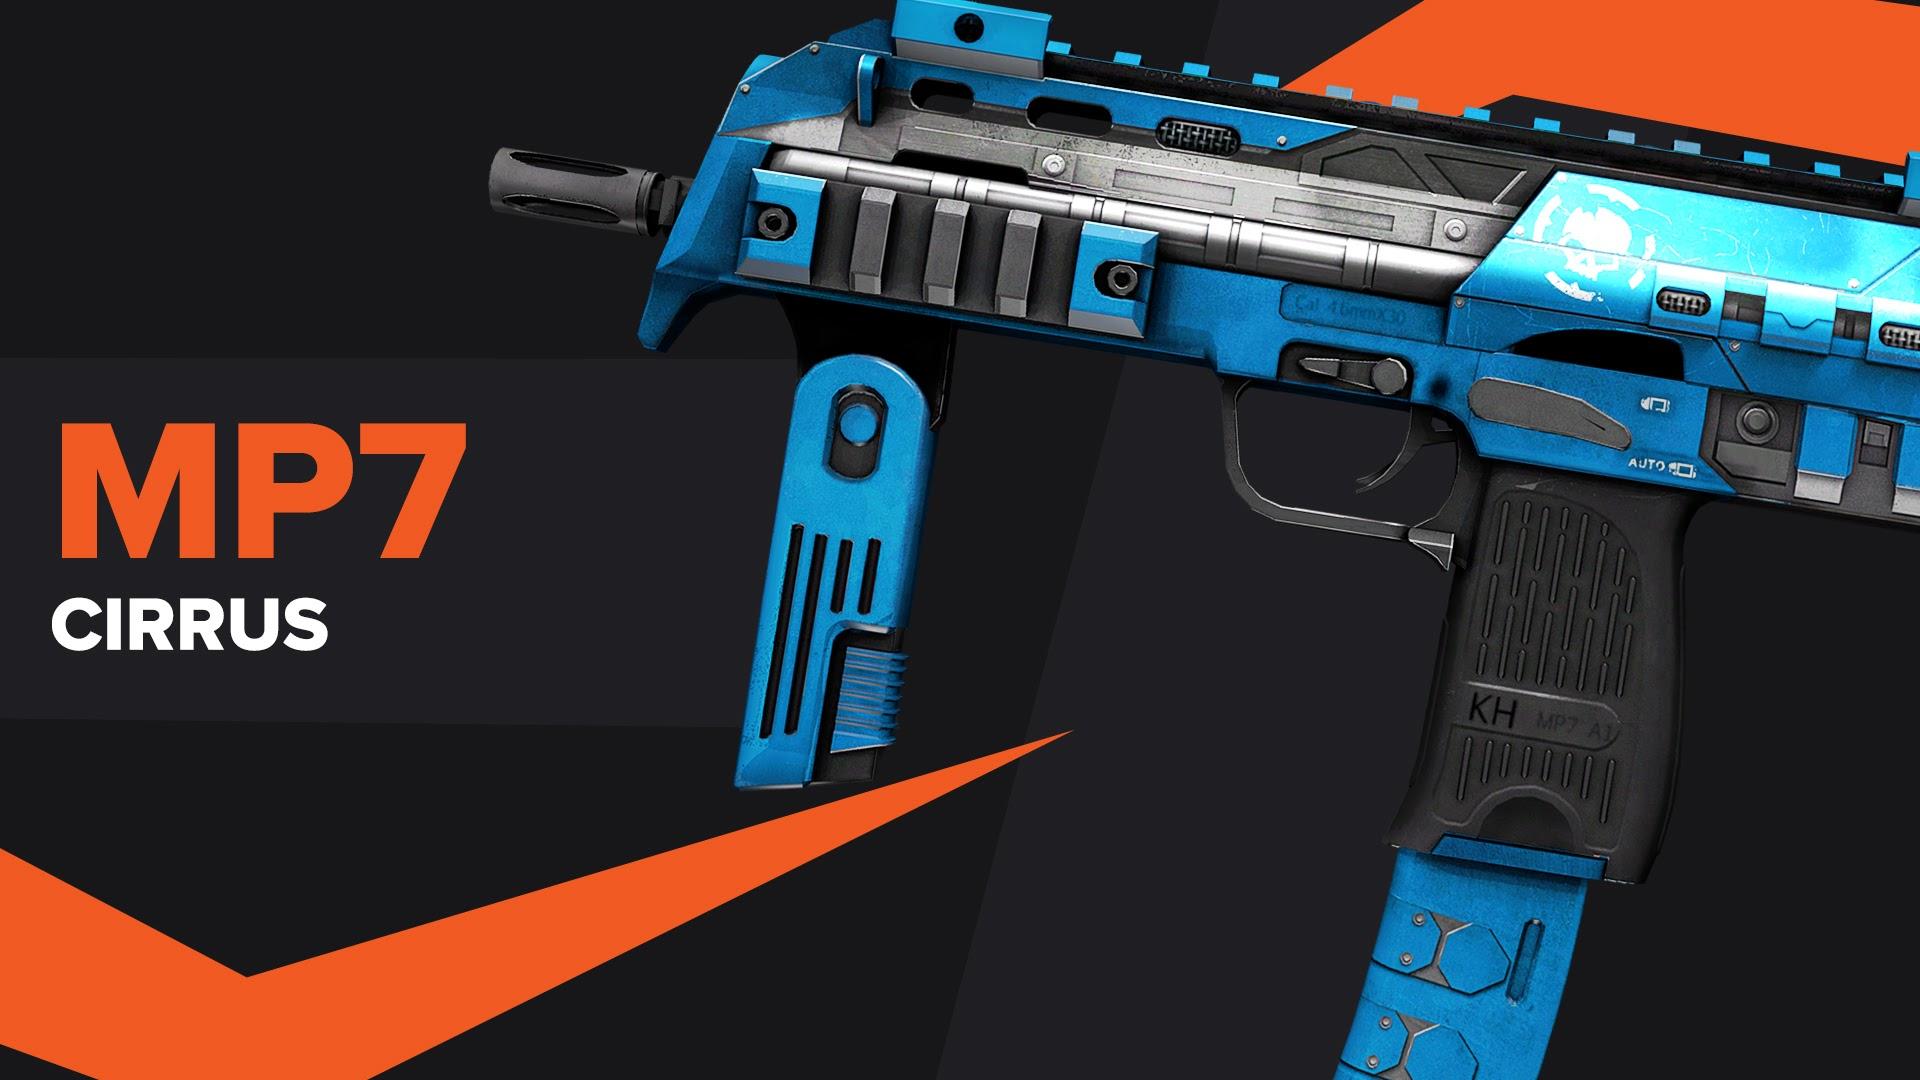 MP7 Cirrus CSGO Skin